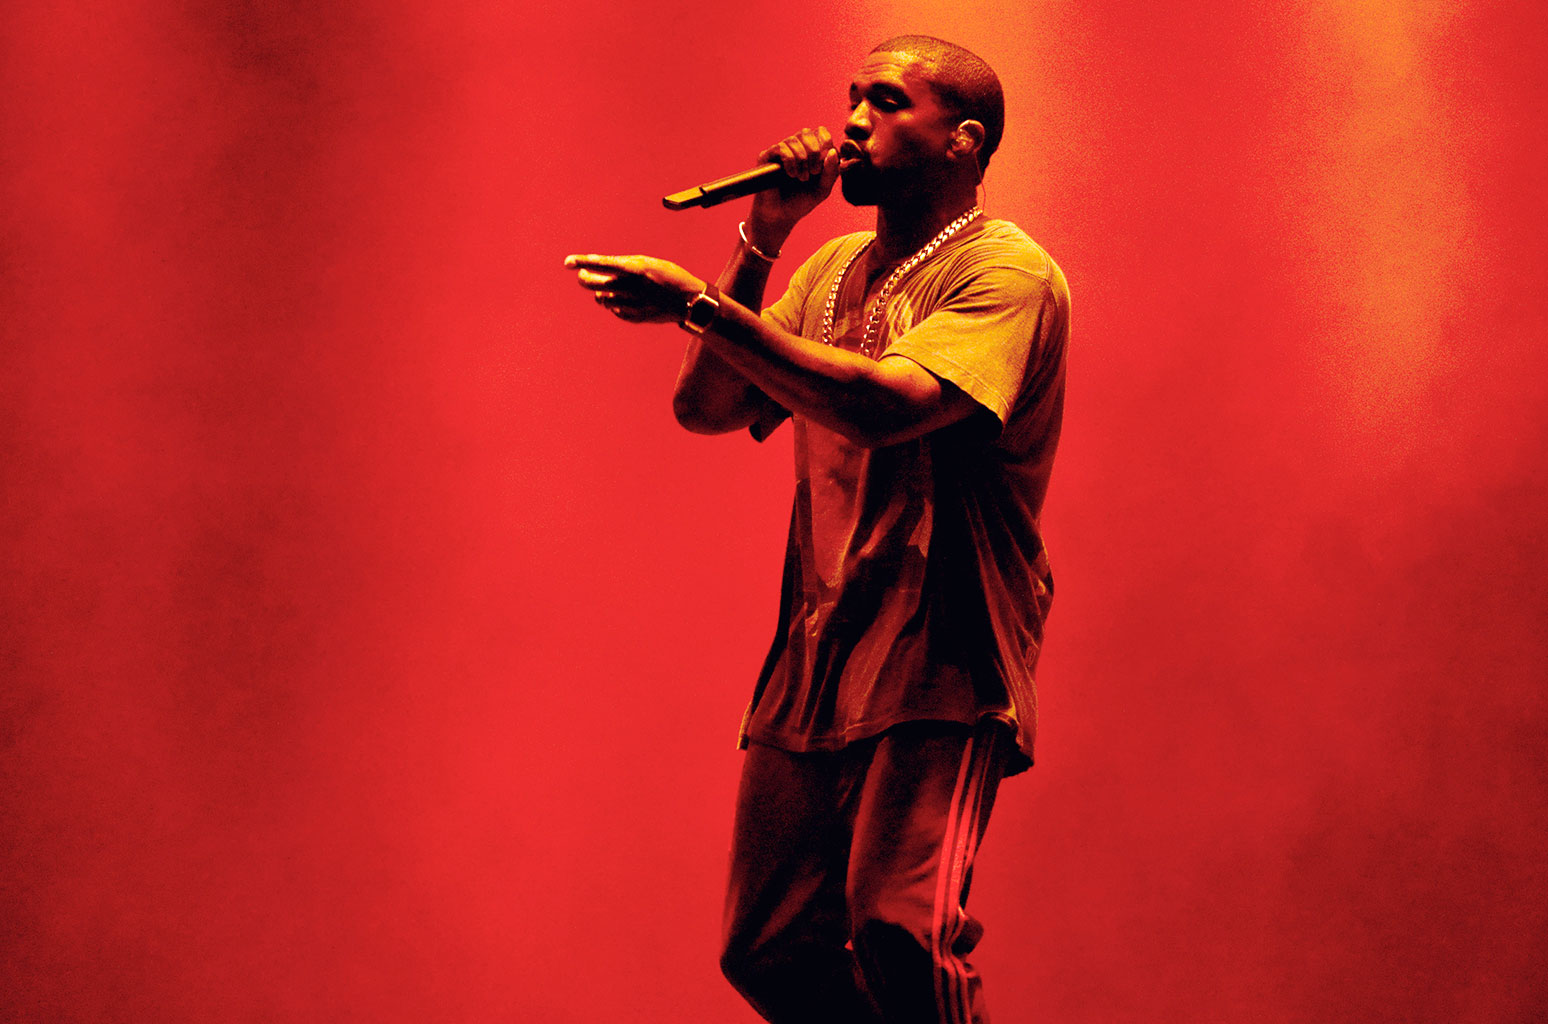 Kanye West: Τραγούδησε σε θαυμάστριά του που έπασχε από καρκίνο, λίγο πριν φύγει από την ζωή | tlife.gr